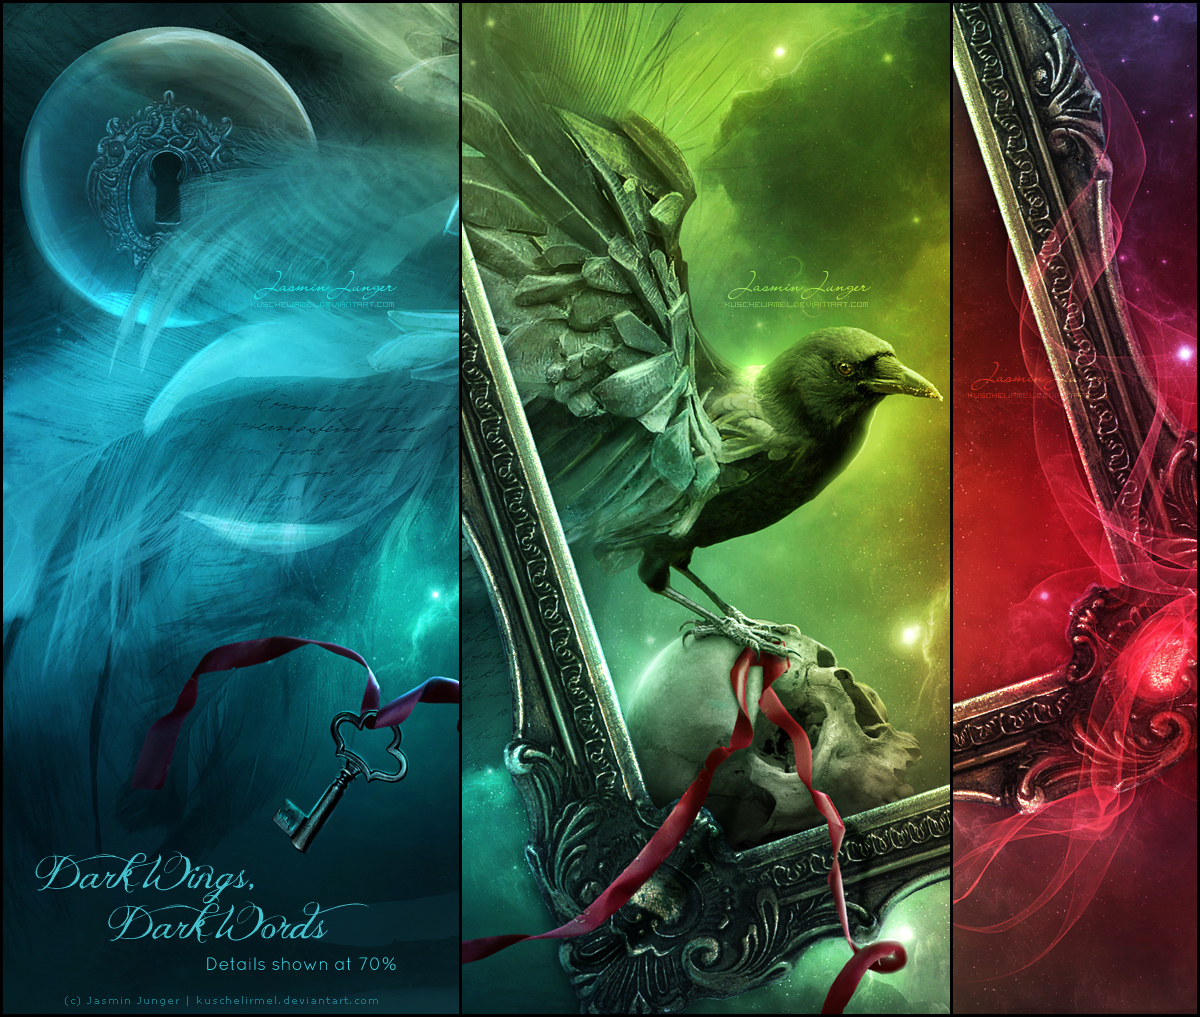 Dark Wings Dark Words Details